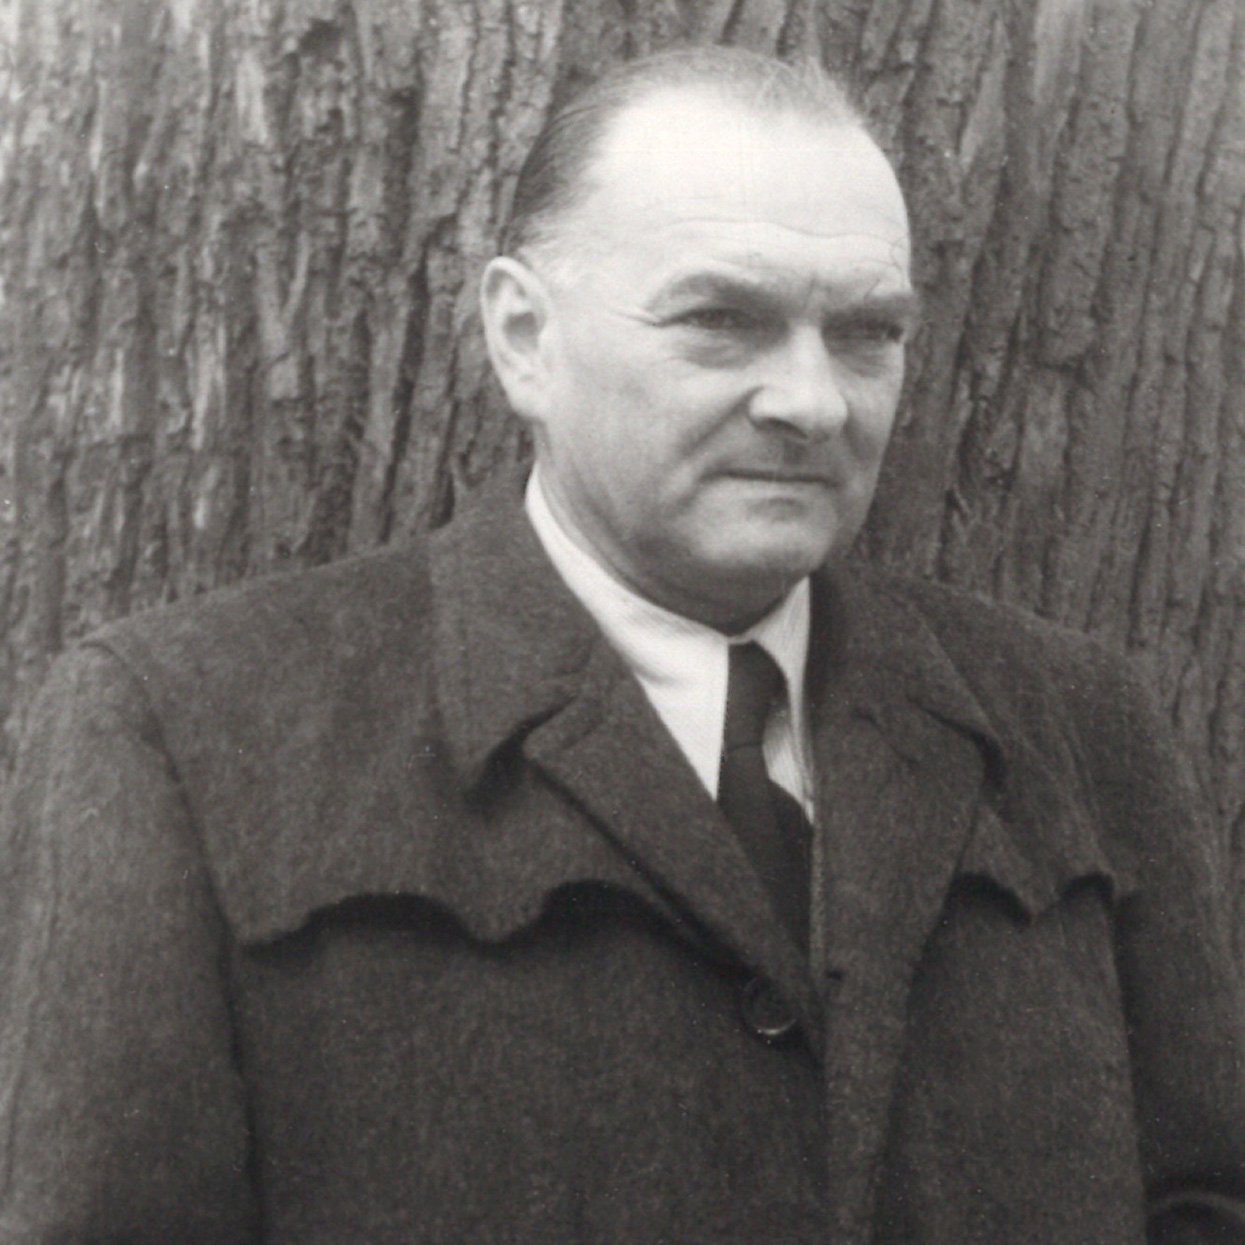 Rödl Geschichte: 1932 Gründung von RÖDL Bauunternehmen durch Bauingenieur Hans Rödl